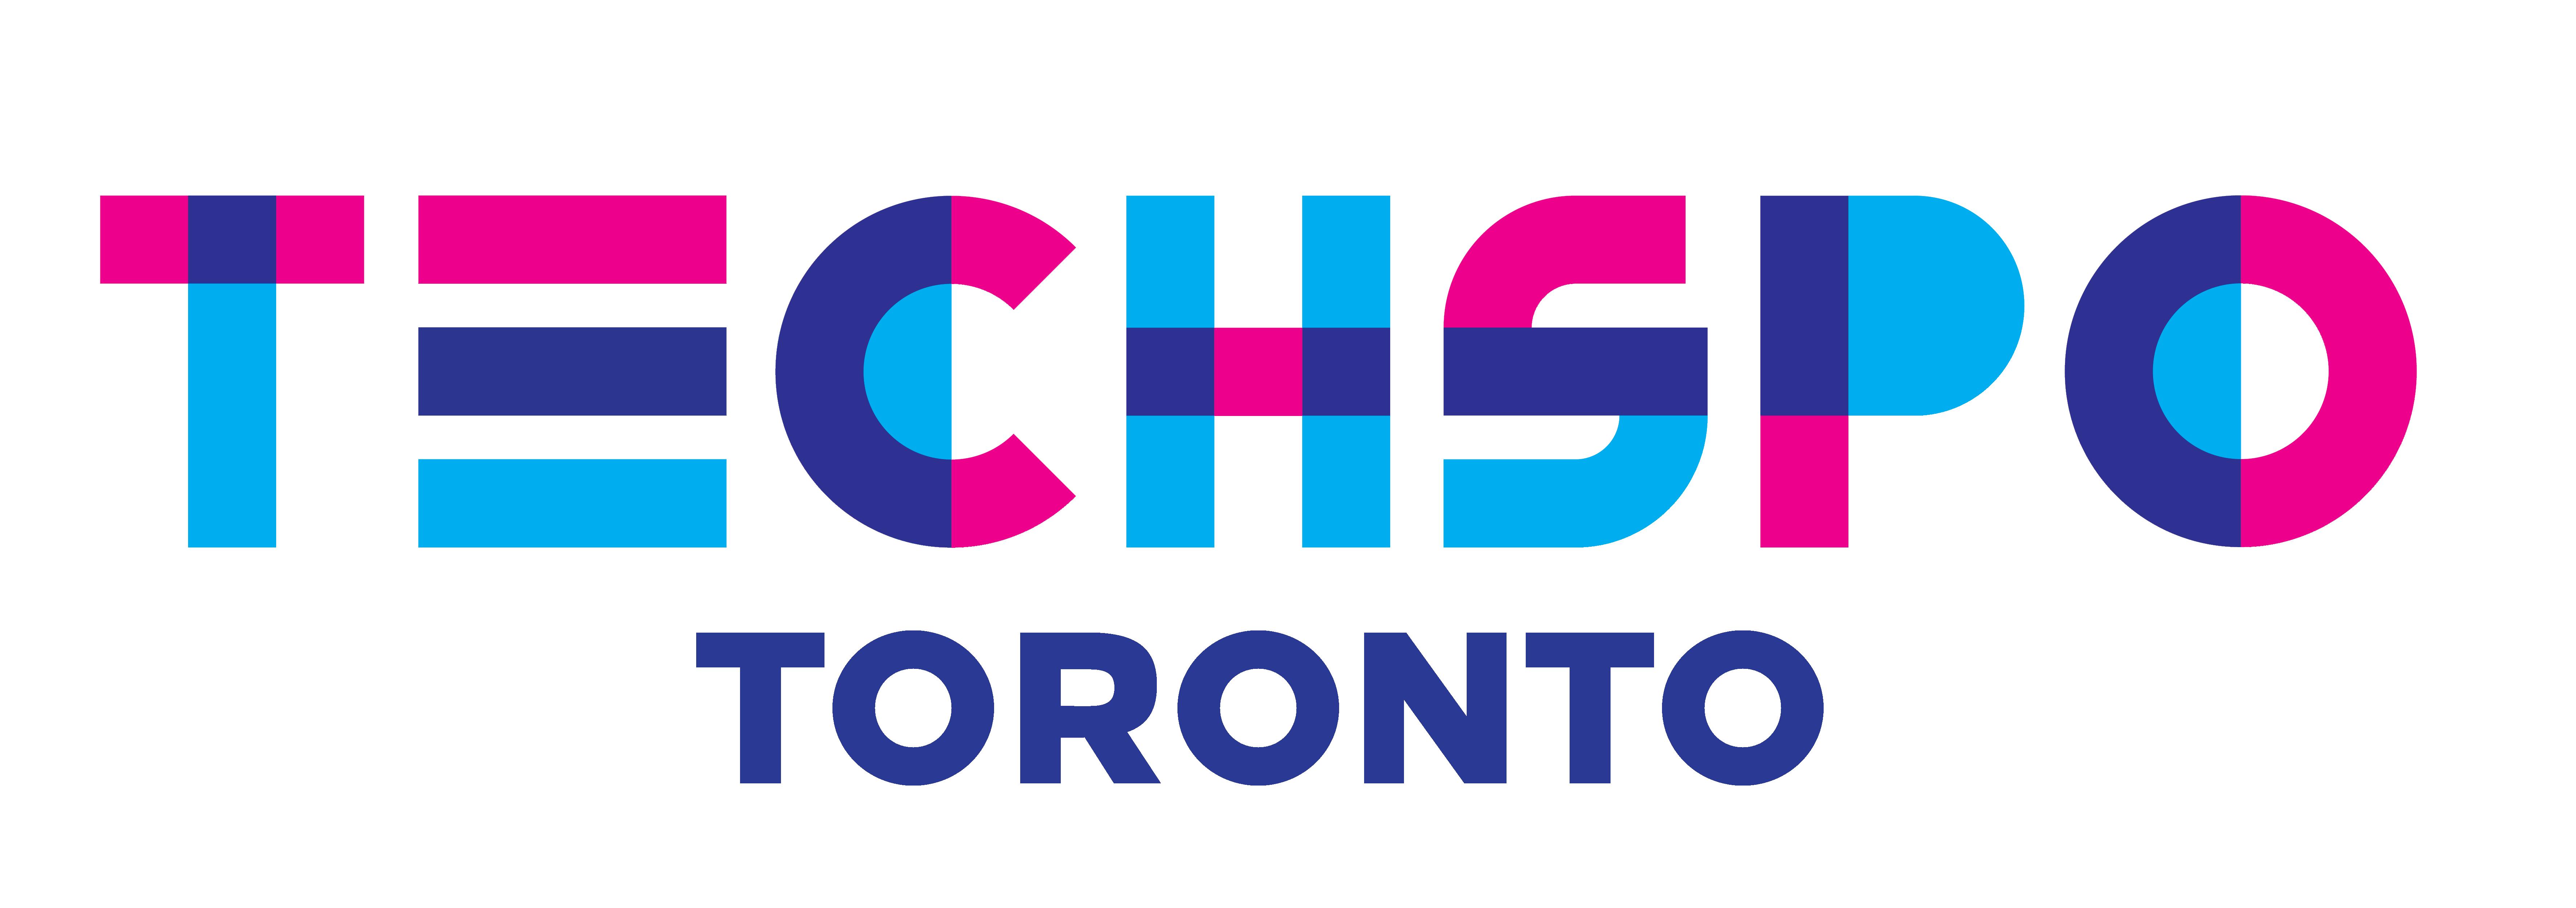 TECHSPO Toronto 2022 Technology Expo (Internet ~ Mobile ~ AdTech ~ MarTech ~ SaaS) Logo